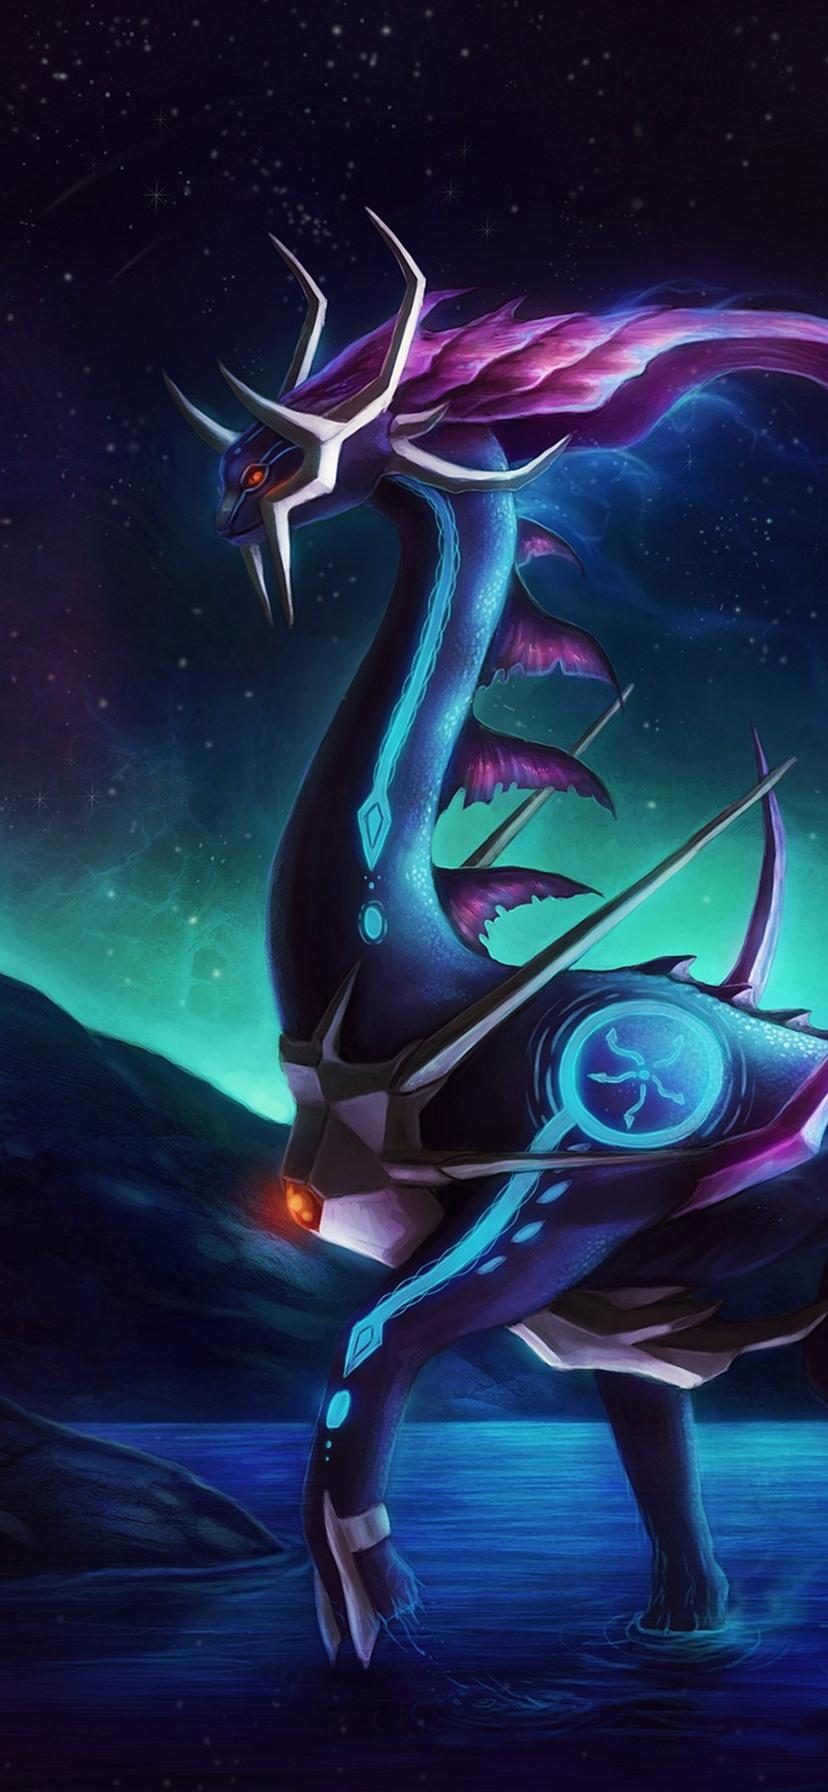 ファンタジー動物 ドラゴン スペース 惑星 828x1792 Iphone 11 Xr